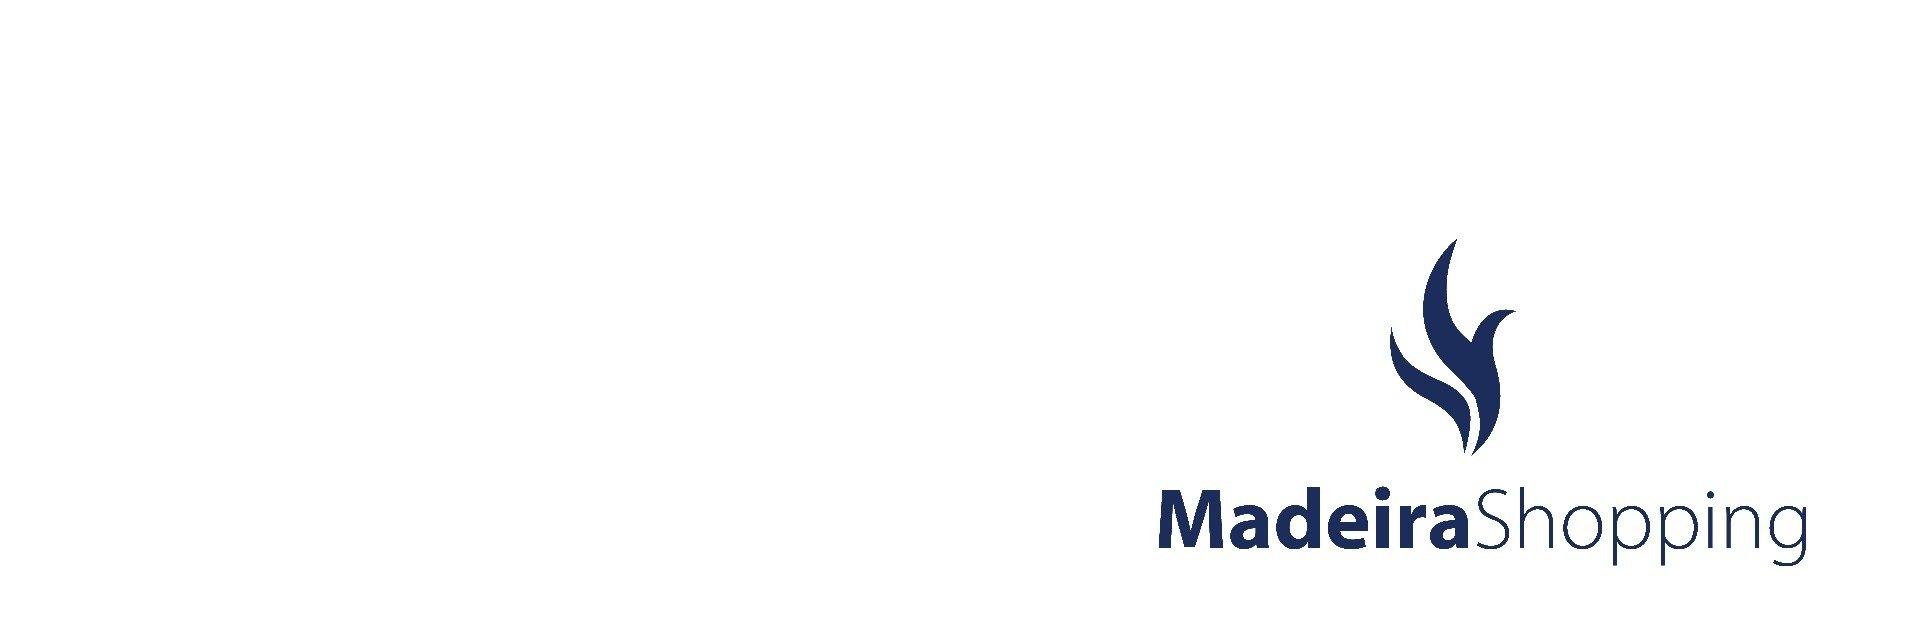 MadeiraShopping renova selo de higiene e segurança com certificação SGS